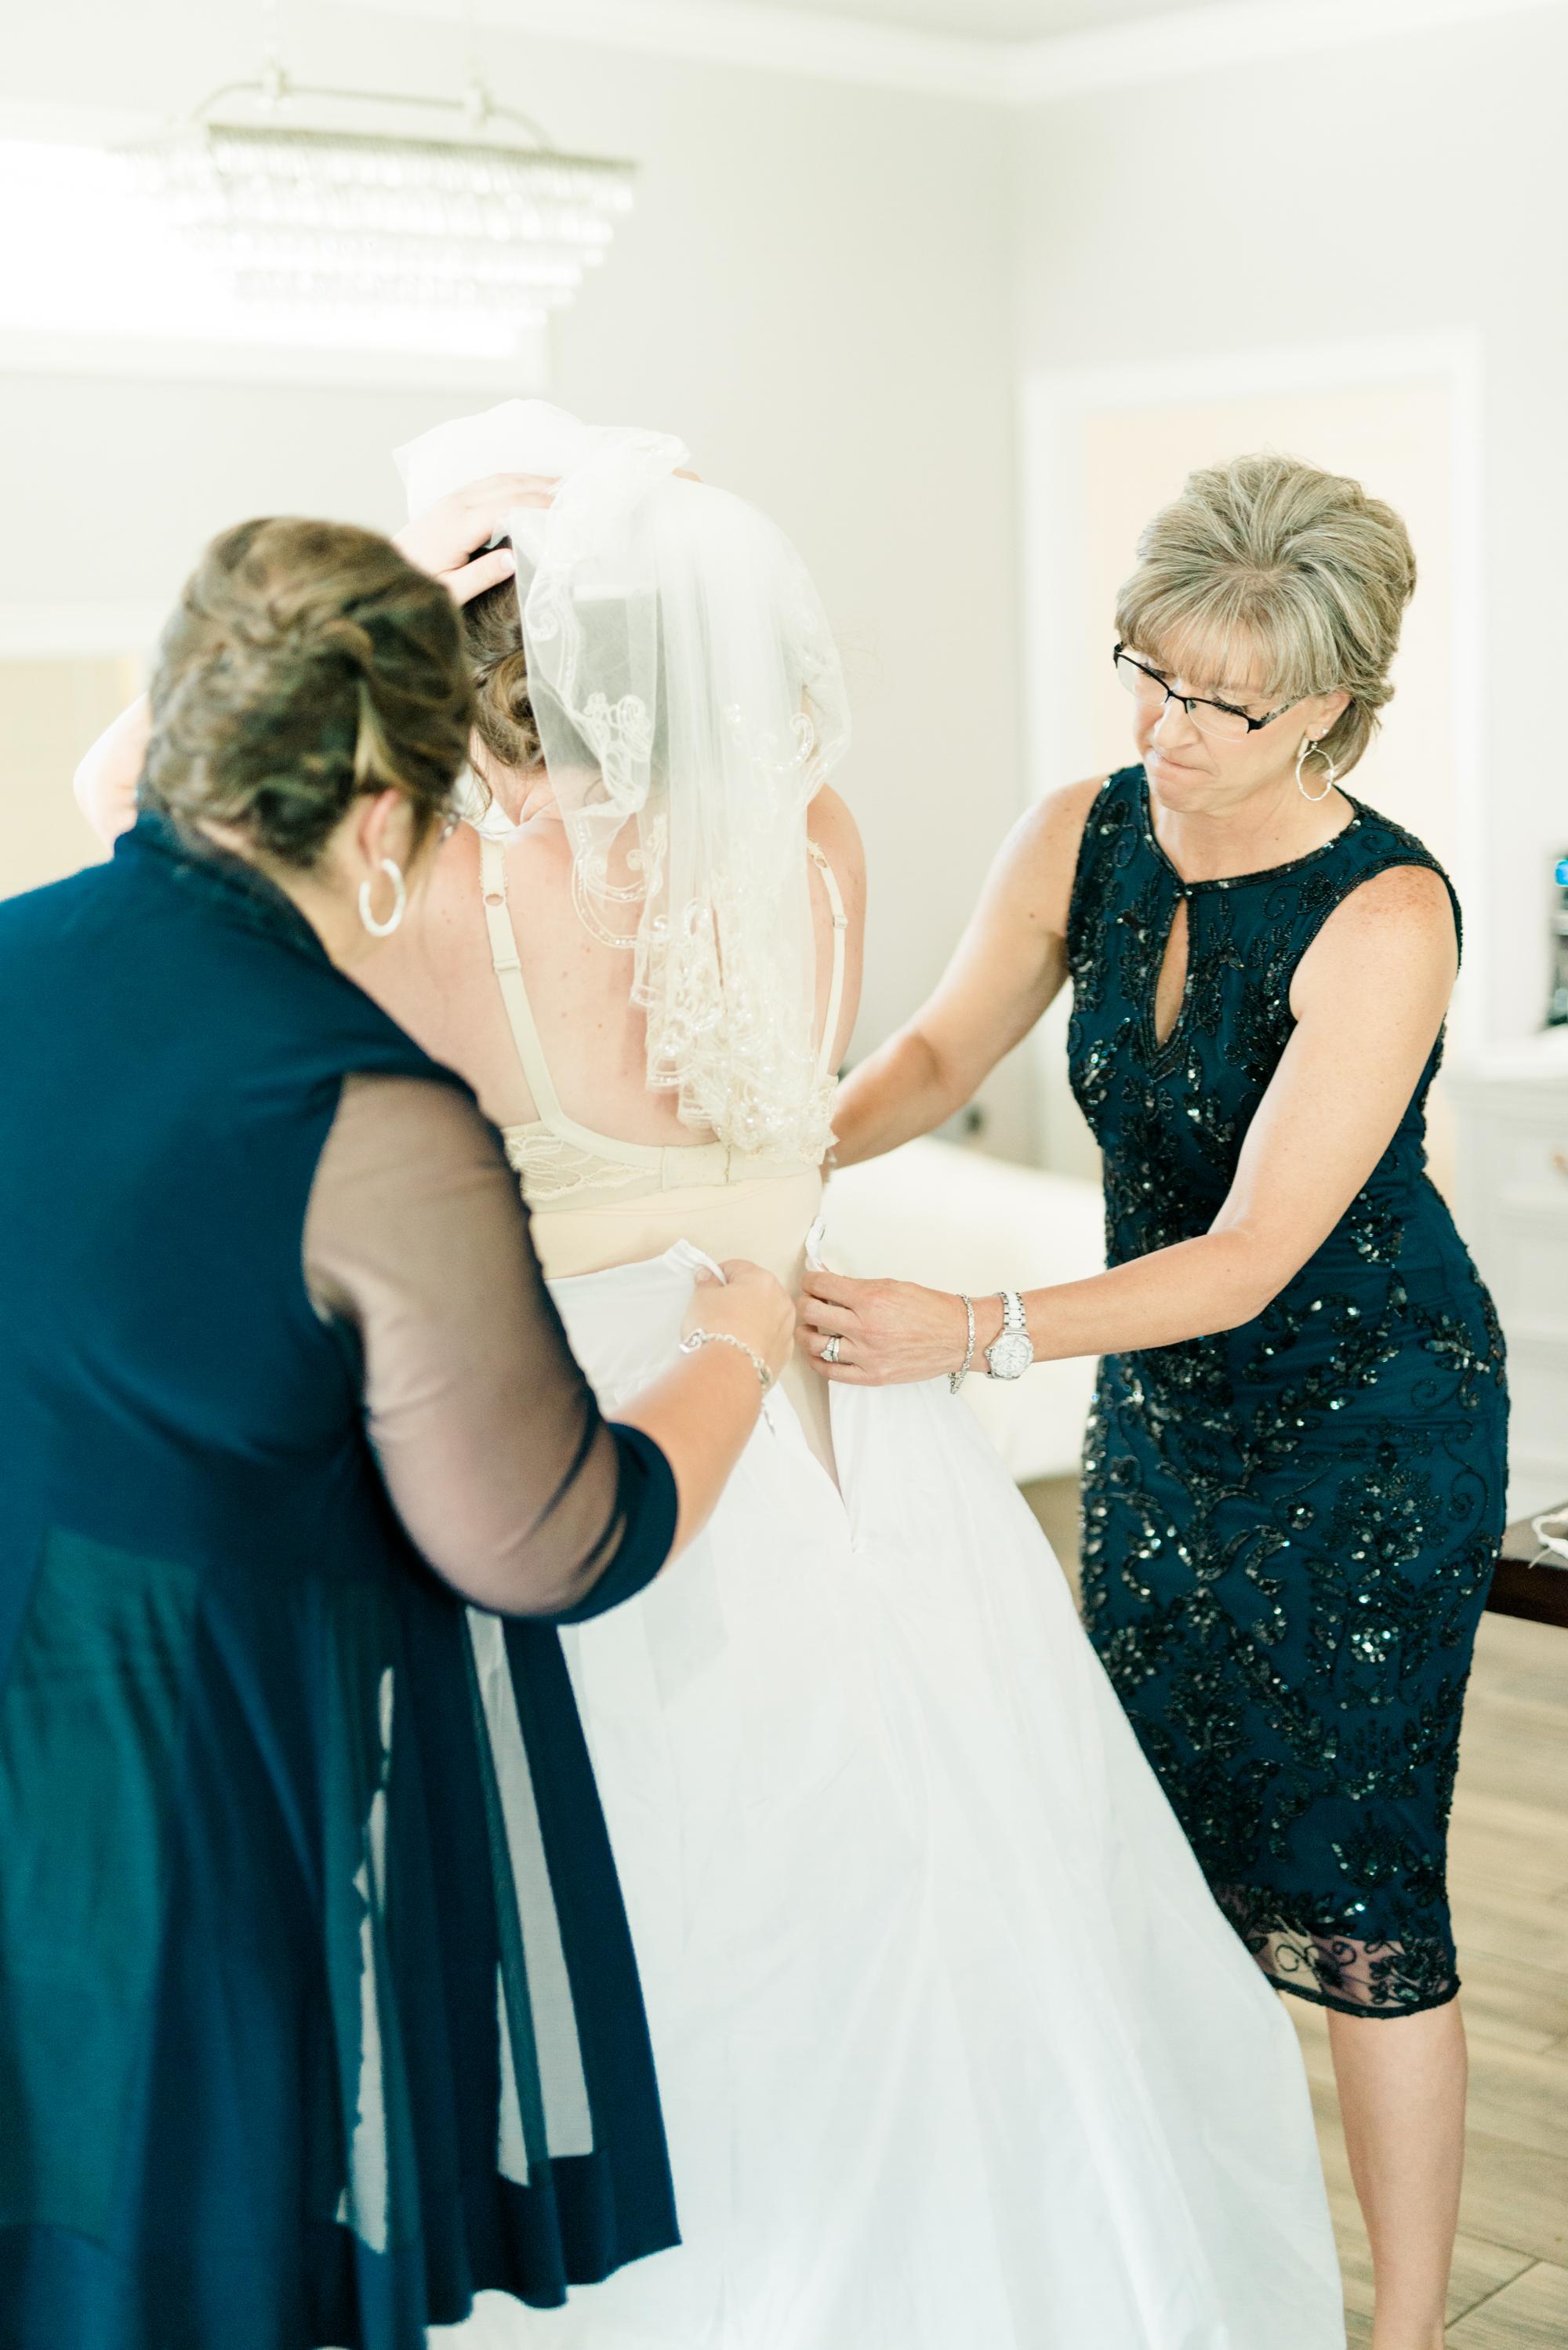 Wesley-Wedding-Ten23-Photography-139.jpg